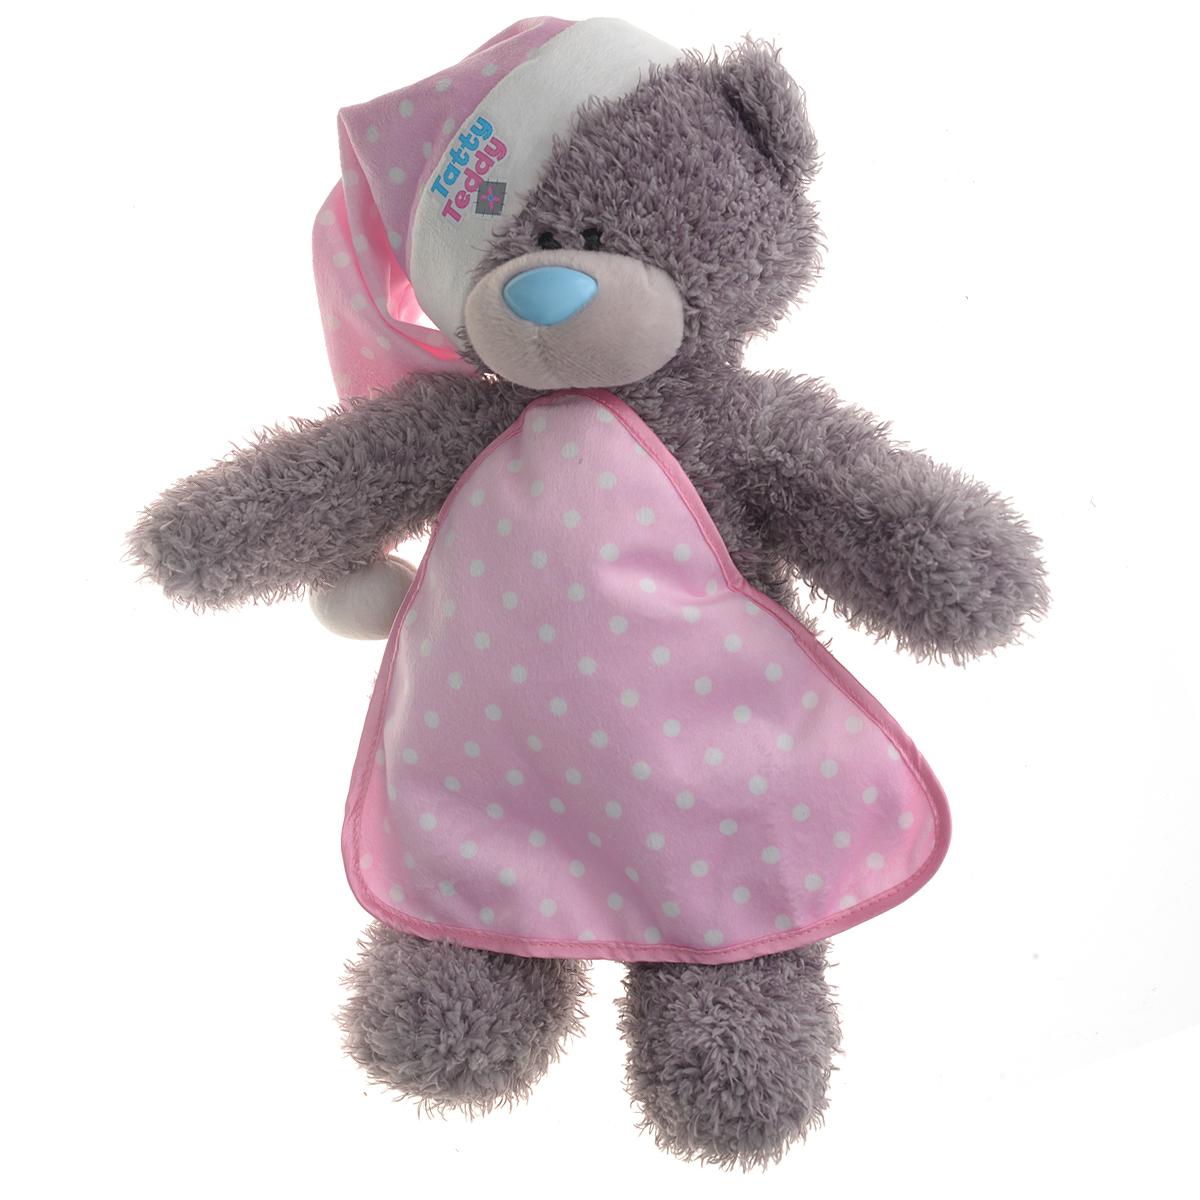 Me to You Мягкая озвученная игрушка Мишка Тедди, 32 смG01W2811Очаровательная мягкая игрушка Me to You Мишка Тедди привлечет внимание любого ребенка. Она выполнена в виде трогательного медвежонка из приятного на ощупь материала. Глазки и носик выполнены из пластика. На мишке очаровательный колпачок для сна и небольшое одеяльце. Нажмите на лапку игрушки и вы услышите спокойную мелодию, которая поможет ребенку заснуть. Удивительно мягкая игрушка принесет радость и подарит своему обладателю мгновения нежных объятий и приятных воспоминаний. Рекомендуется докупить 3 батарейки напряжением 1,5V типа АAA (товар комплектуется демонстрационными). Долгая история Мишки Тедди создала целый культ в истории, про него снимали мультфильмы и фильмы, сочиняли сказки и песни, он был любимцем детей и взрослых множество лет и является им сейчас. Нет лучшего подарка для ребенка или для девушки, чем Мишка Тедди от Me To You. Он способен выразить вашу любовь, заботу или дружбу. Он подарит огромное количество любви и ласки своему владельцу, как...